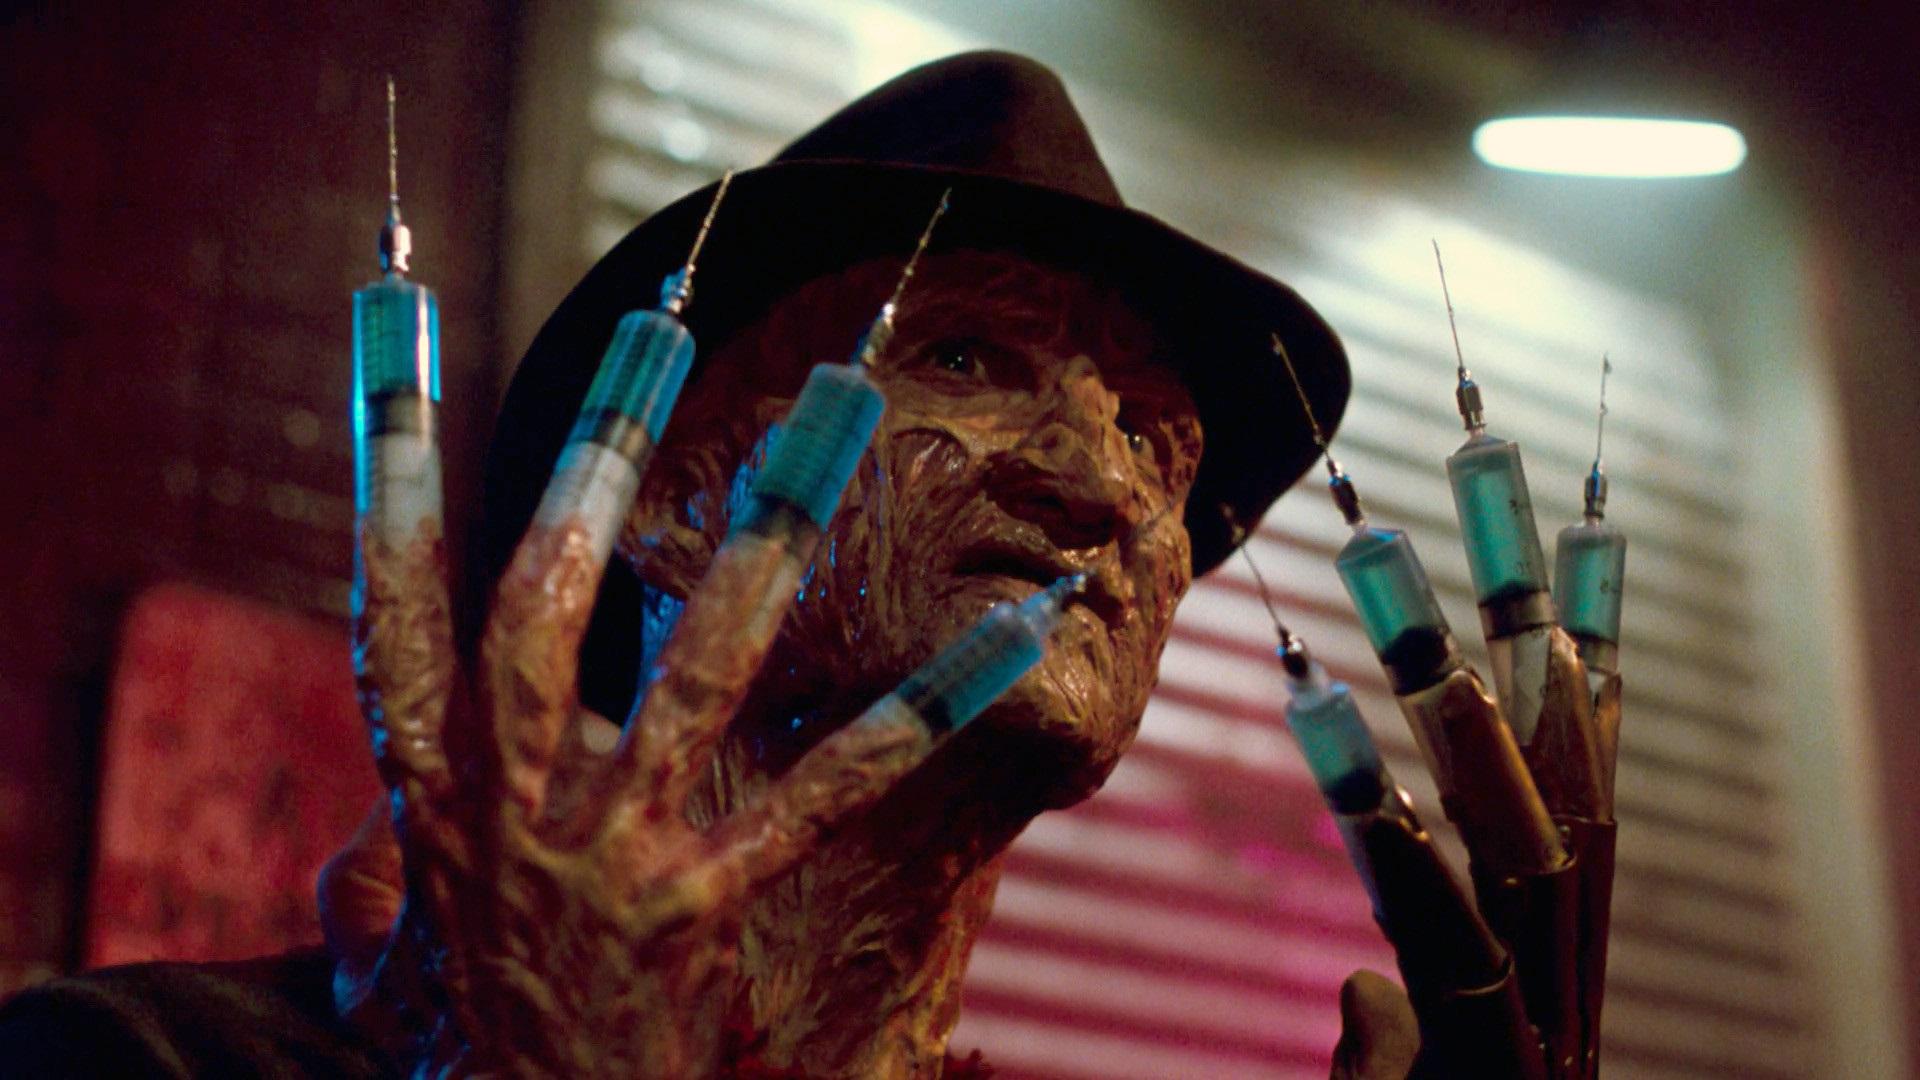 Nightmare - A ispirare l'iconica saga di Wes Craven, una serie di articoli pubblicati sul Los Angeles Times che descrivevano casi di...